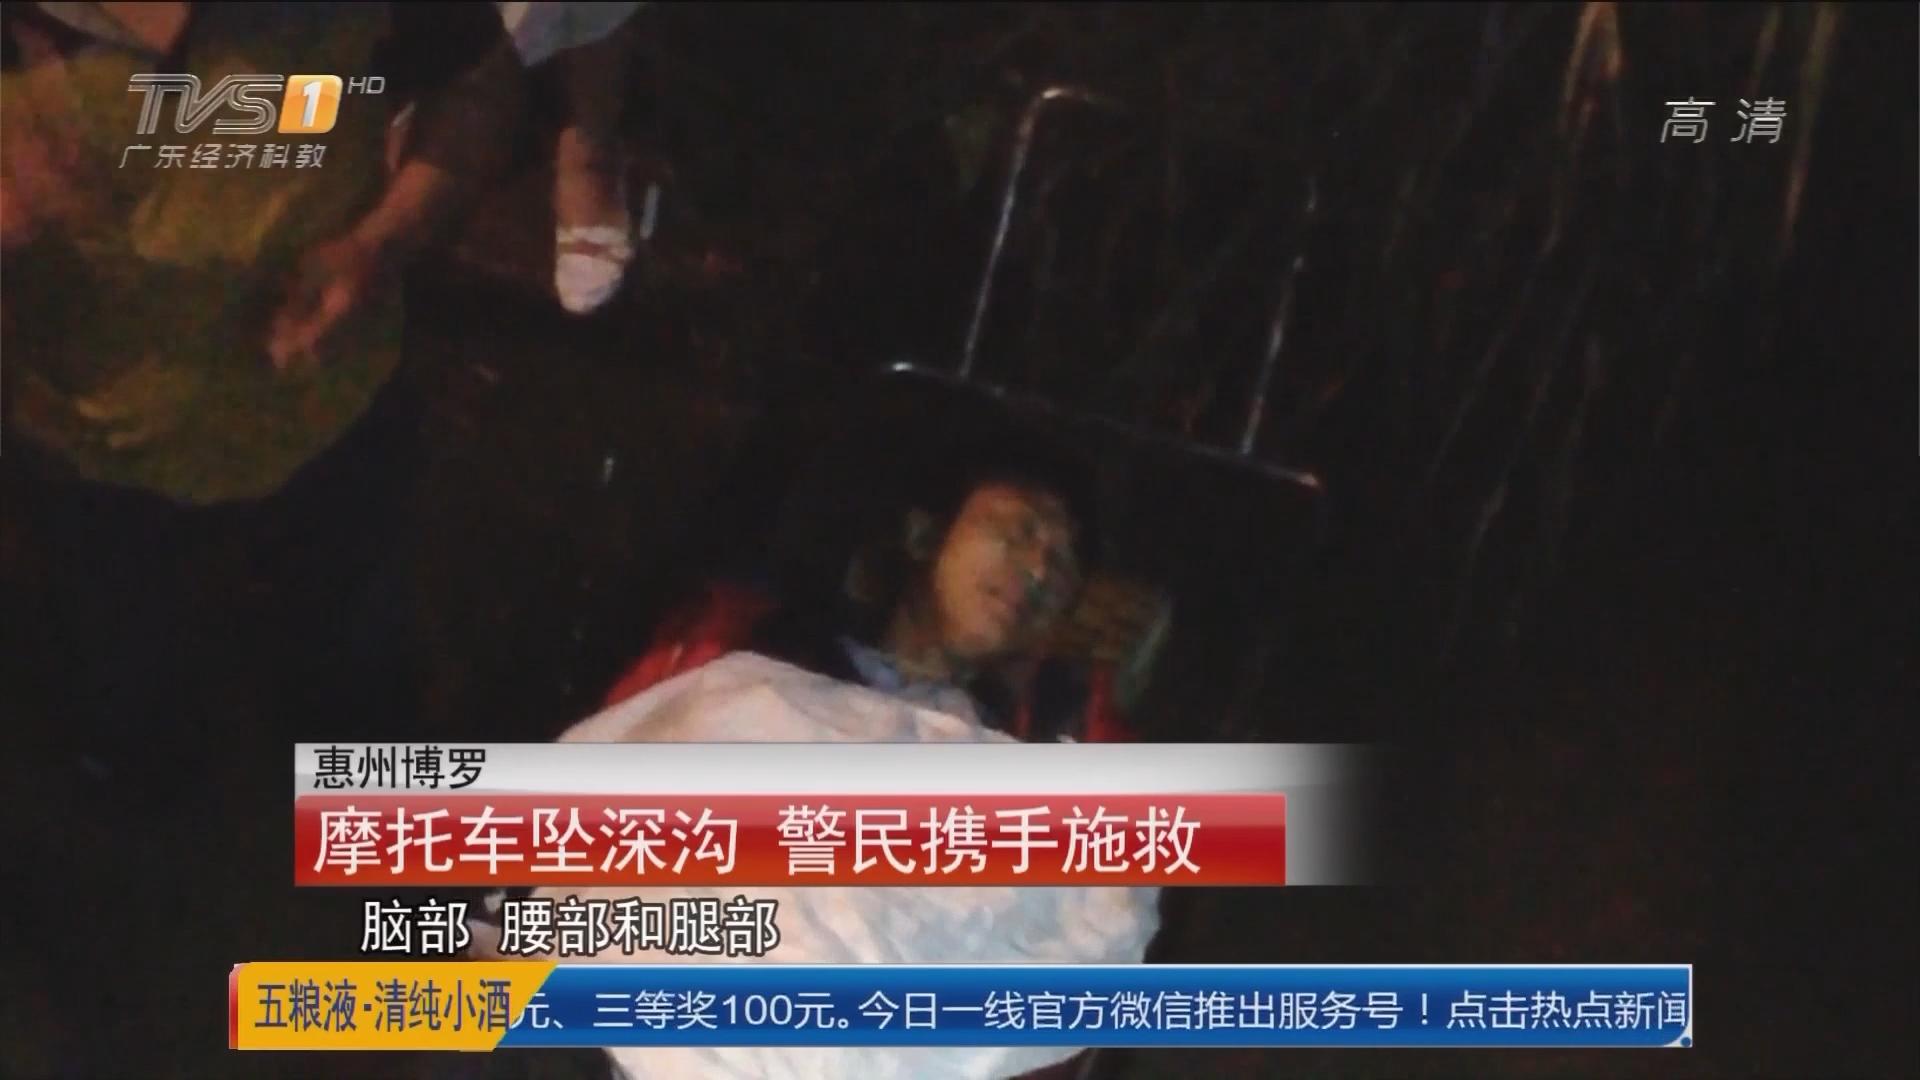 惠州博罗:摩托车坠深沟 警民携手施救